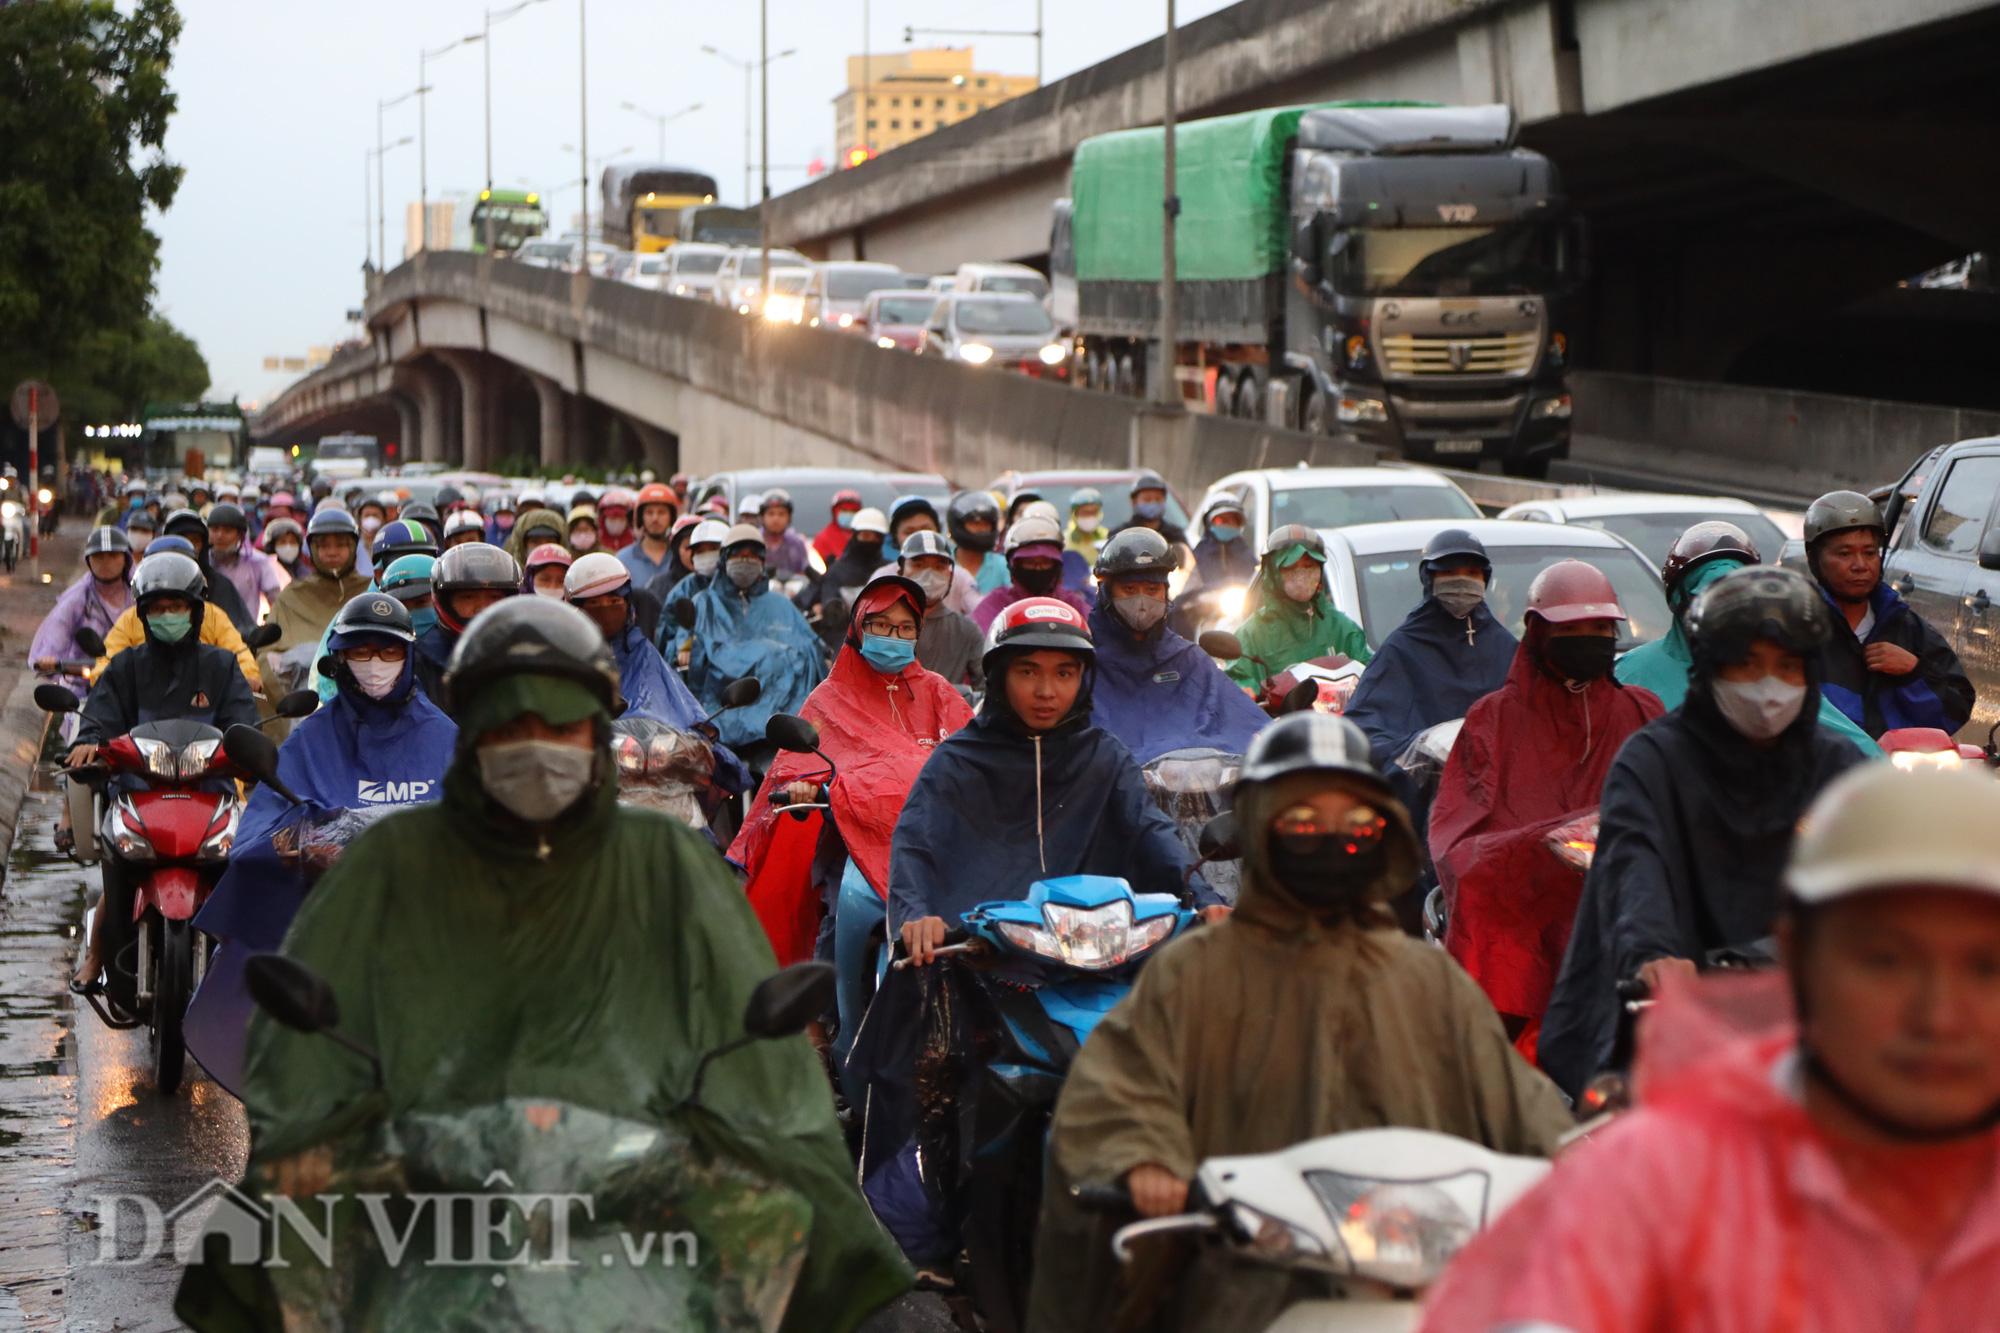 Hà Nội giảm 10 độ sau cơn mưa vàng - Ảnh 7.